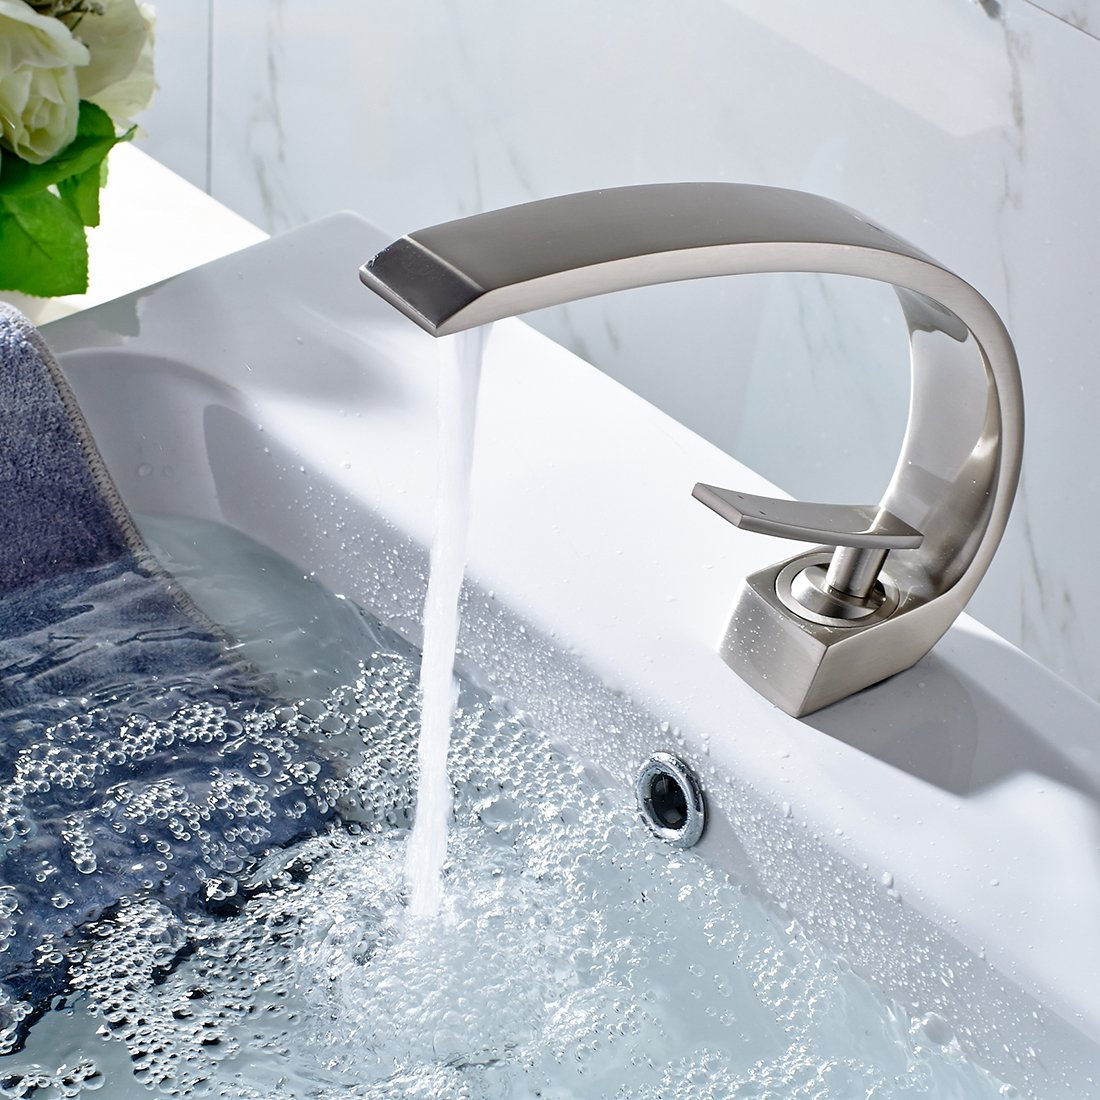 FLG Modern Solid Brass Single Handle Bathroom Sink Faucet Brushed ...